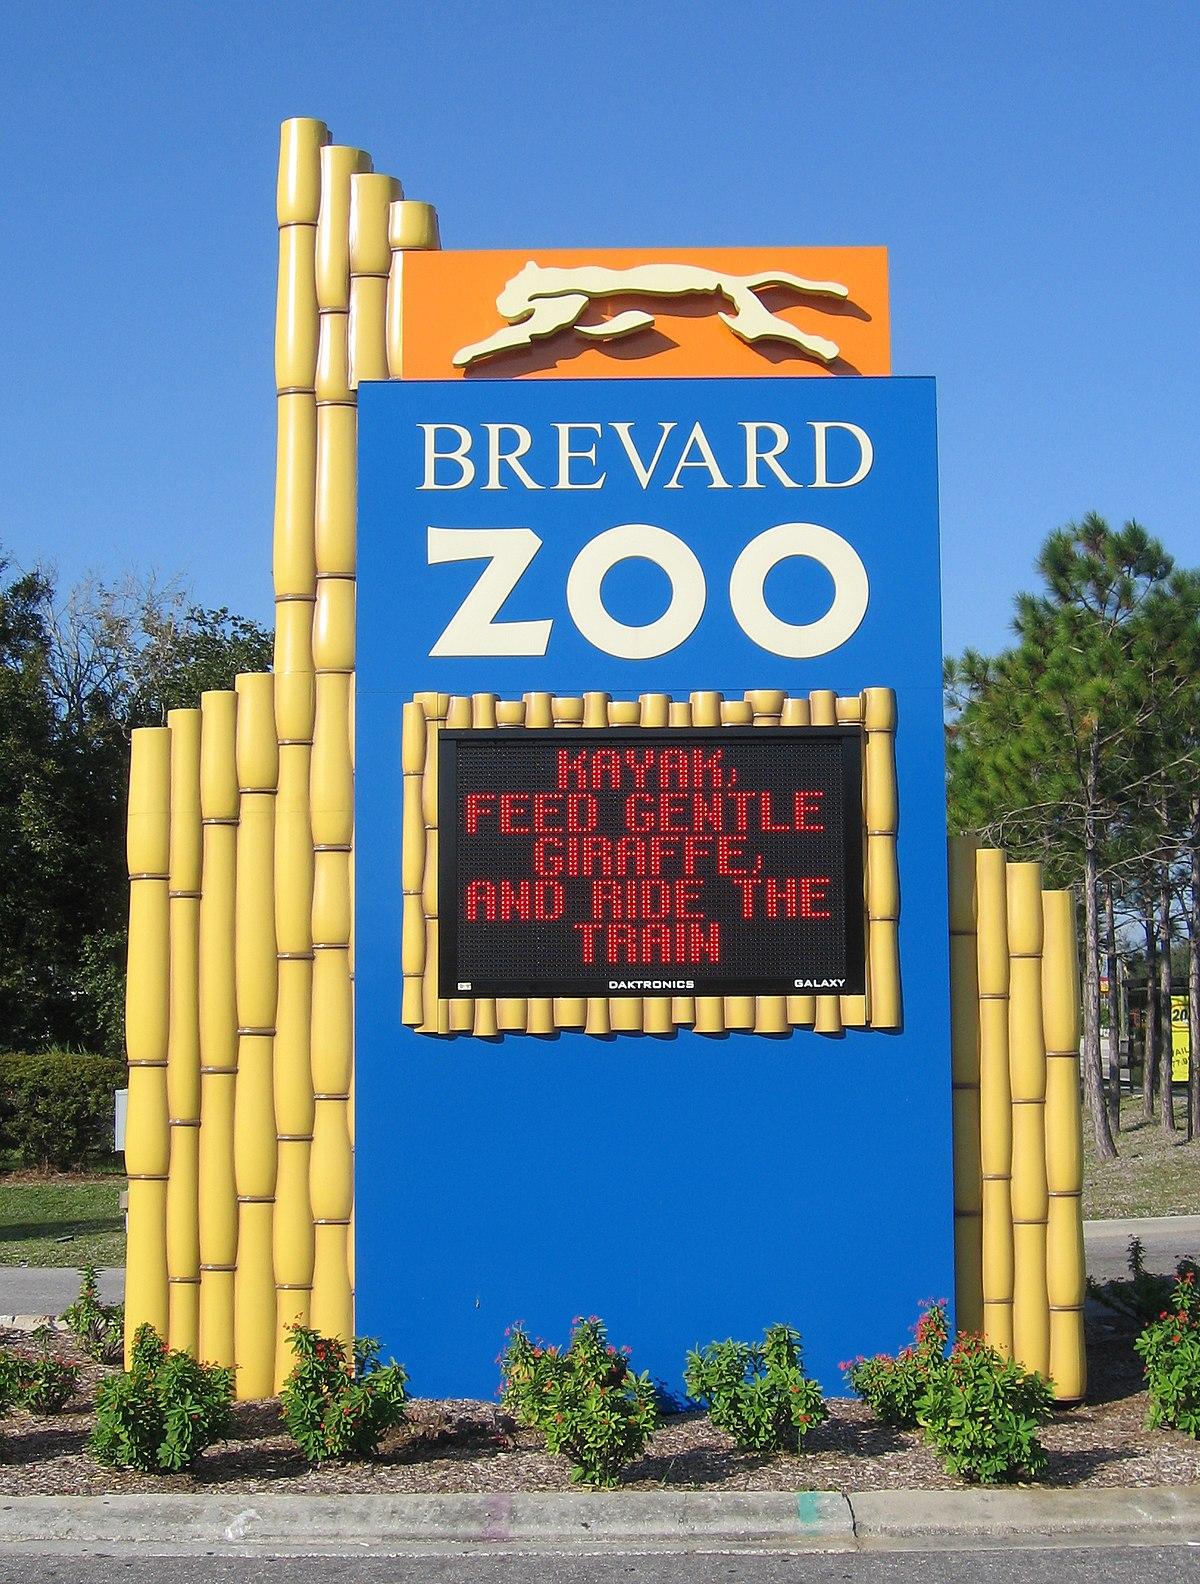 Brevard Zoo Wikipedia